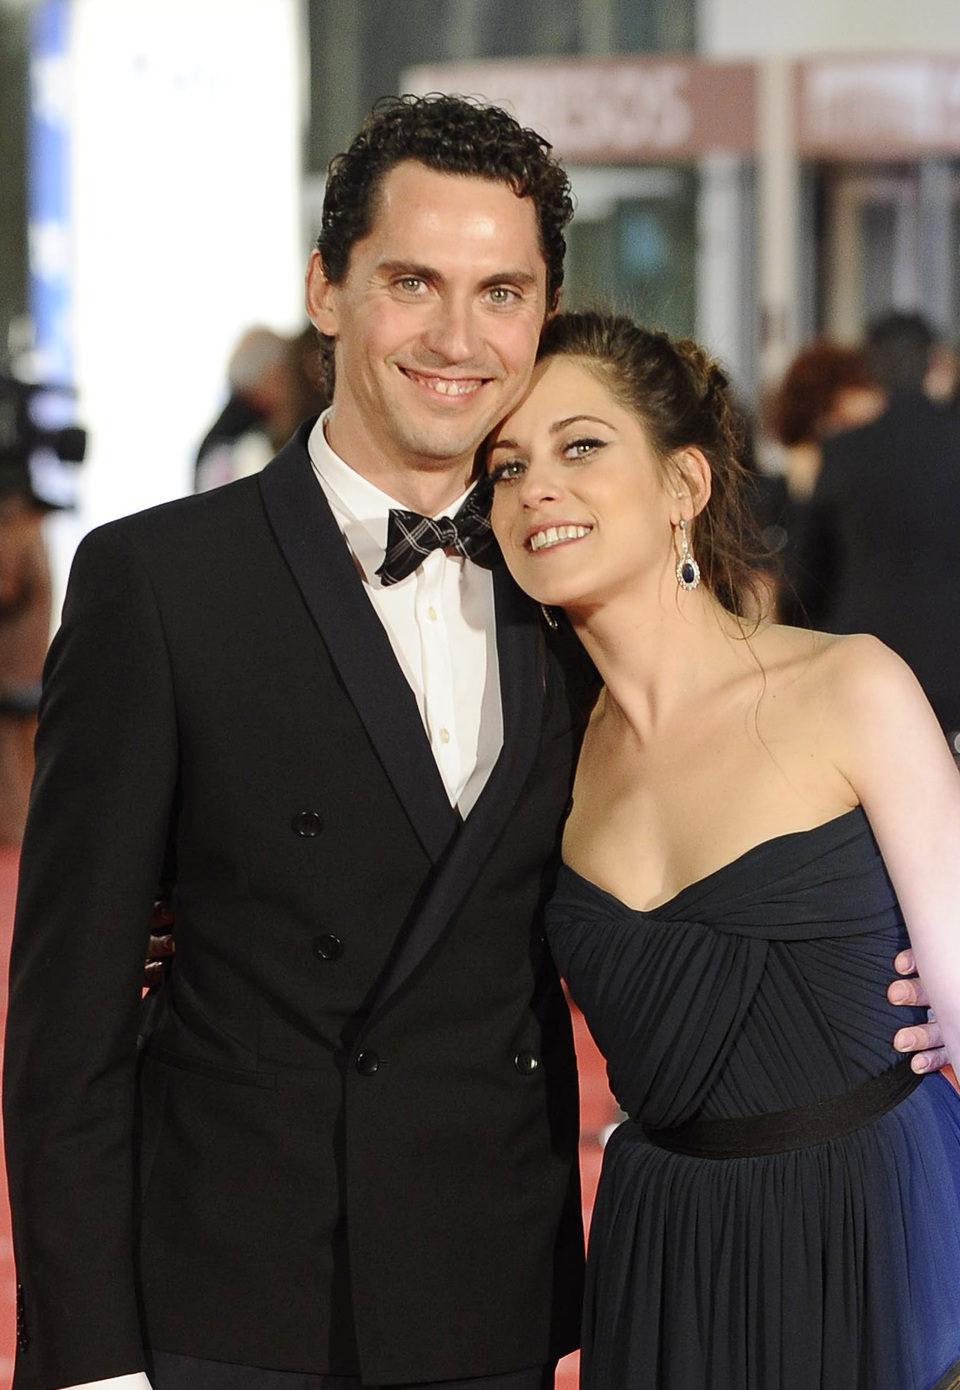 Paco León y María León posan juntos en la alfombra roja de los premios Goya 2012